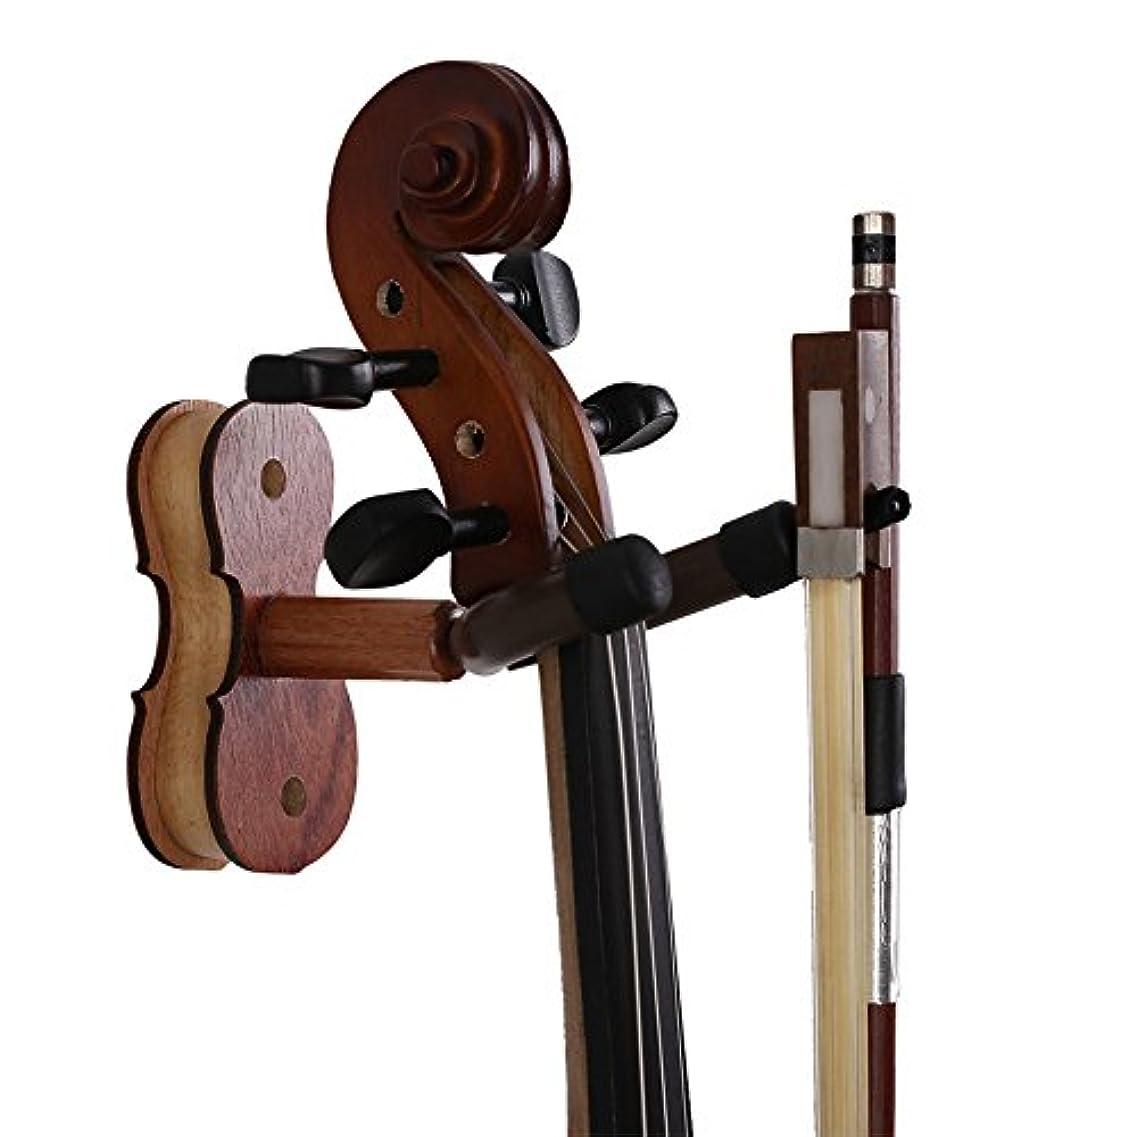 教えてコテージ不足NUZAMASヴァイオリンハンガー、ホルダー、ヴァイオリンフック、ボウハンガーウォールマウントハードウッド、ホーム&スタジオ用